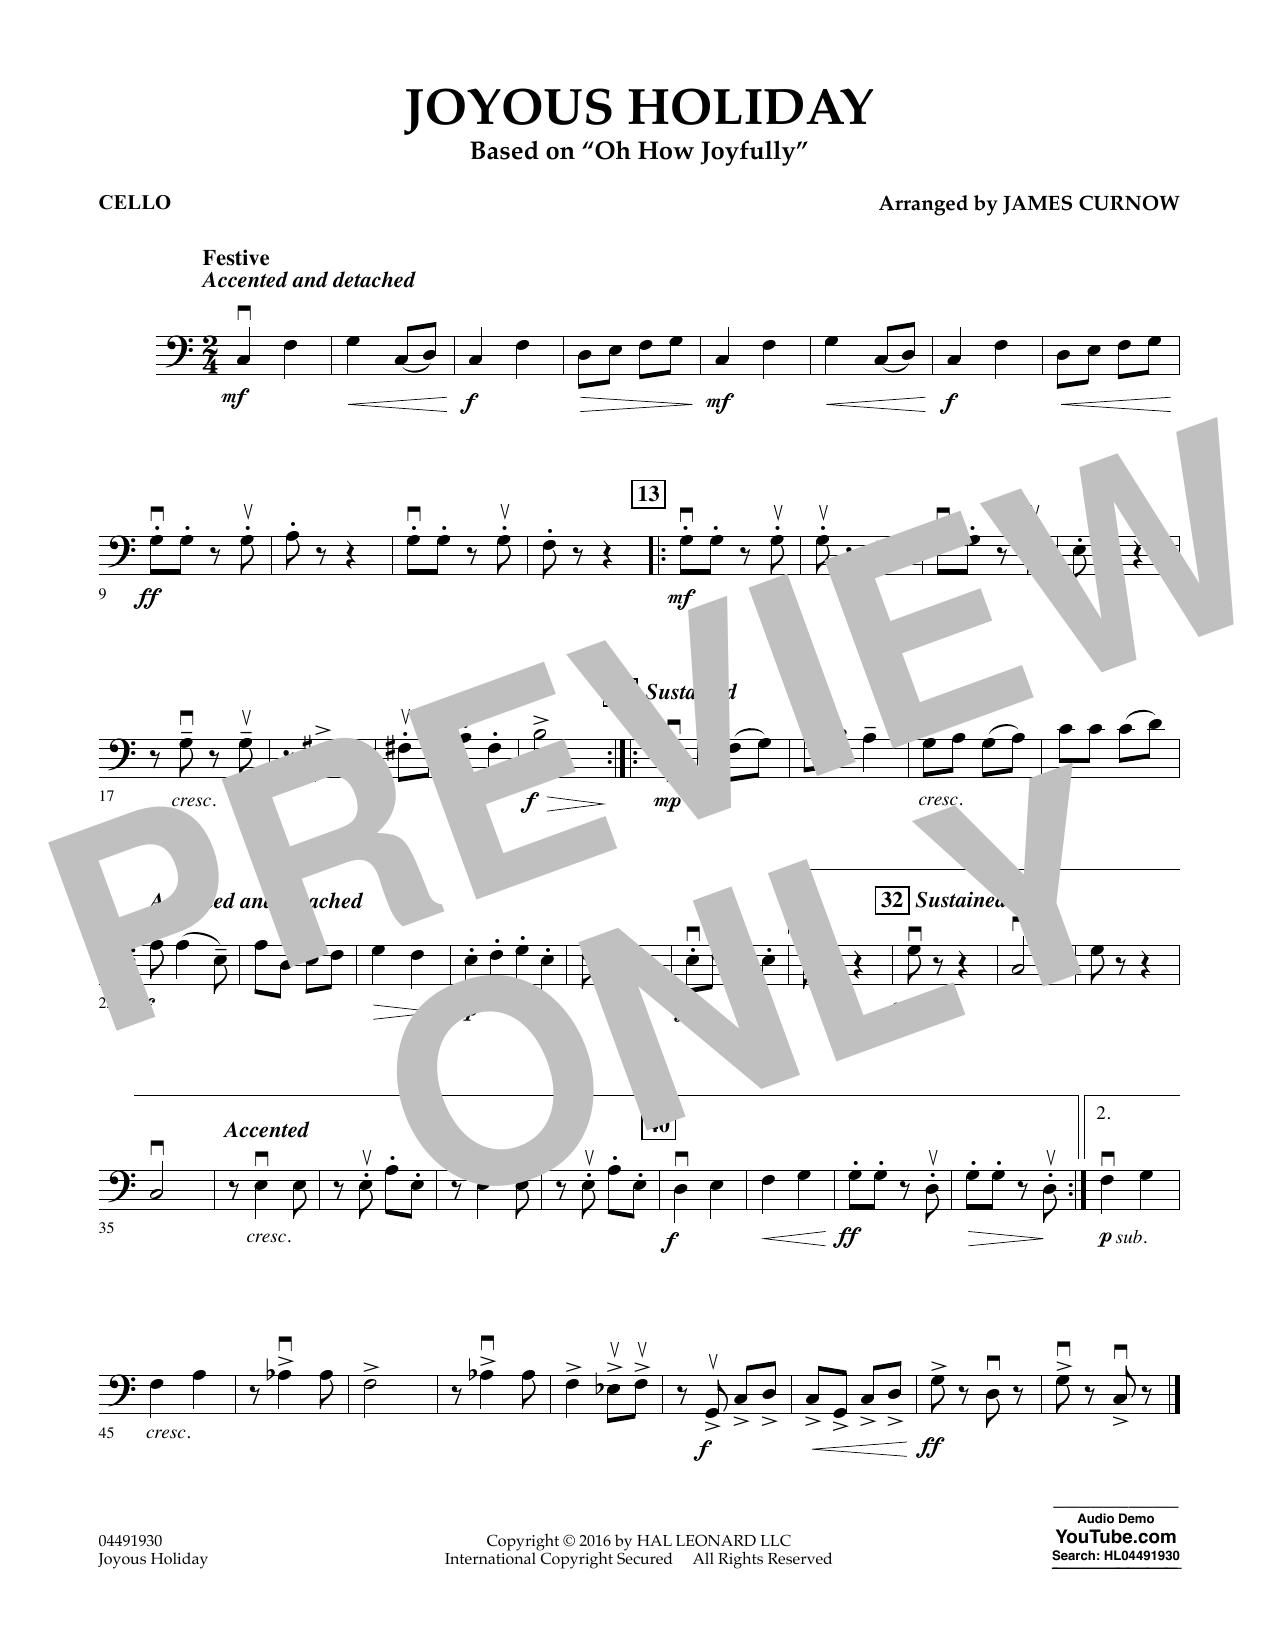 Joyous Holiday (based on Oh How Joyfully) - Cello Sheet Music